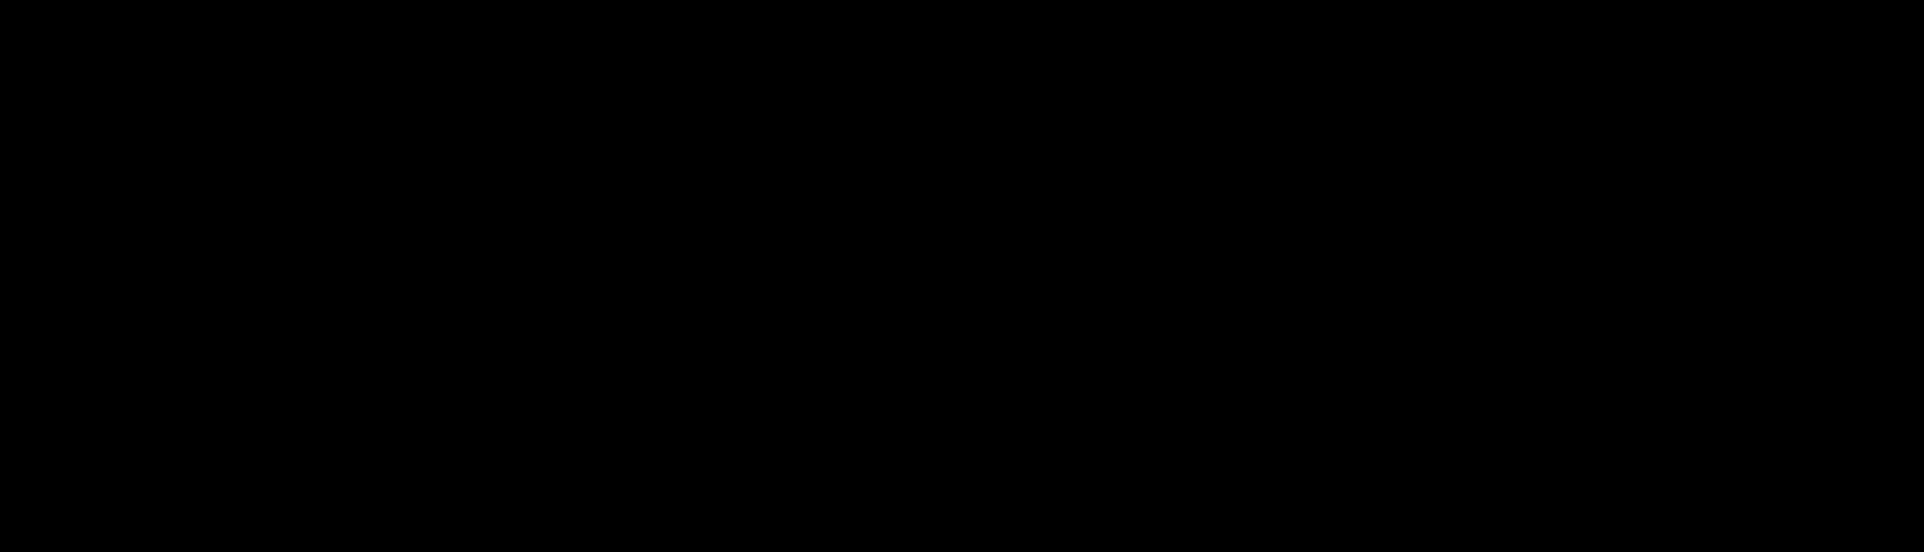 Nameless_Logo_2018.png